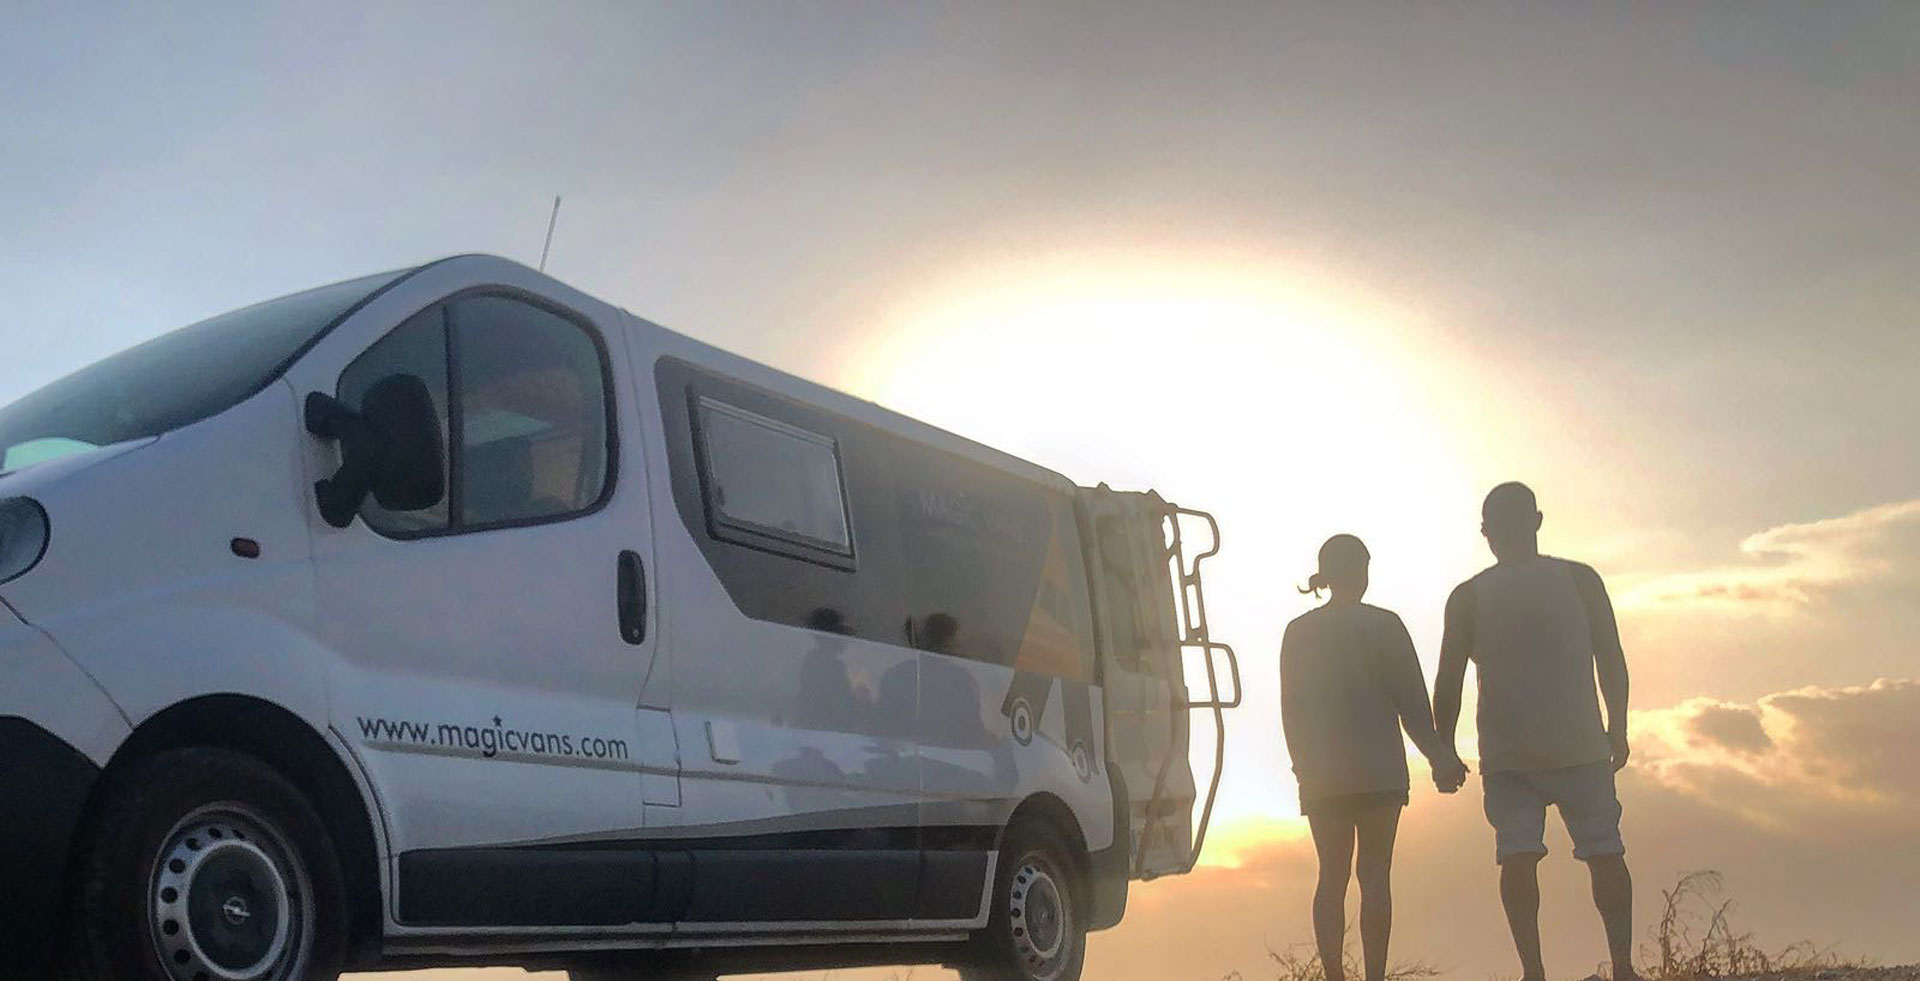 muy el último Genuino  Magic Vans - Modelos de furgonetas camper